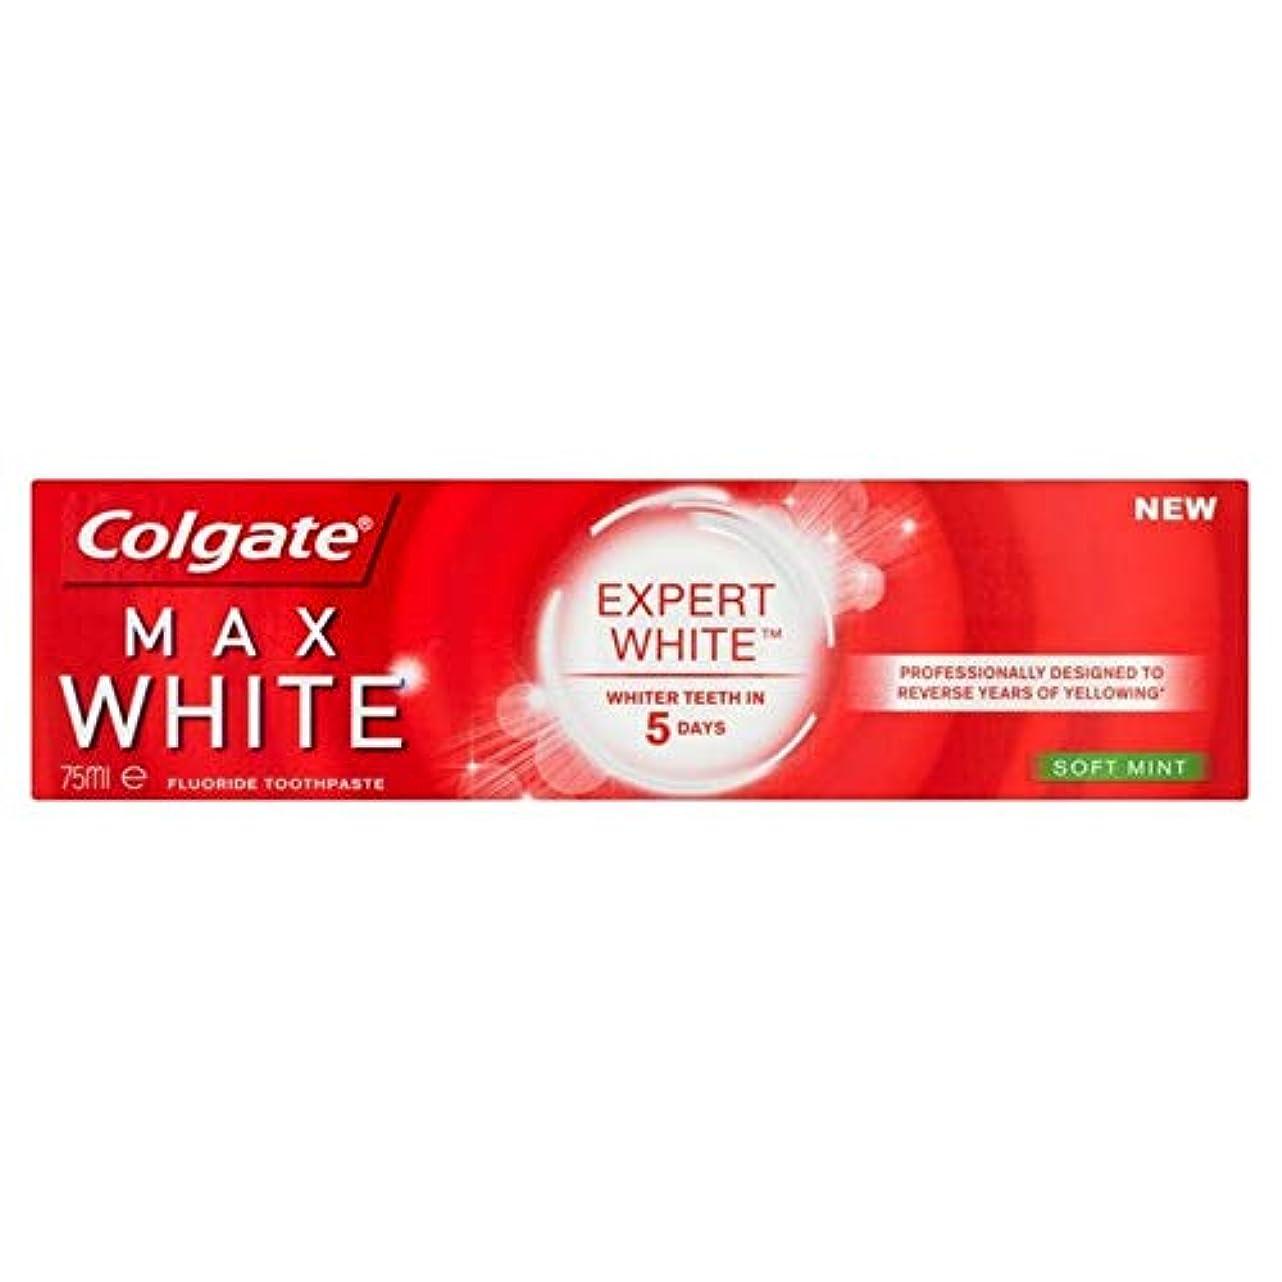 トランクラグチキン[Colgate ] コルゲート最大白の専門ソフトミントホワイトニング歯磨き粉75ミリリットル - Colgate Max White Expert Soft Mint Whitening Toothpaste 75ml...